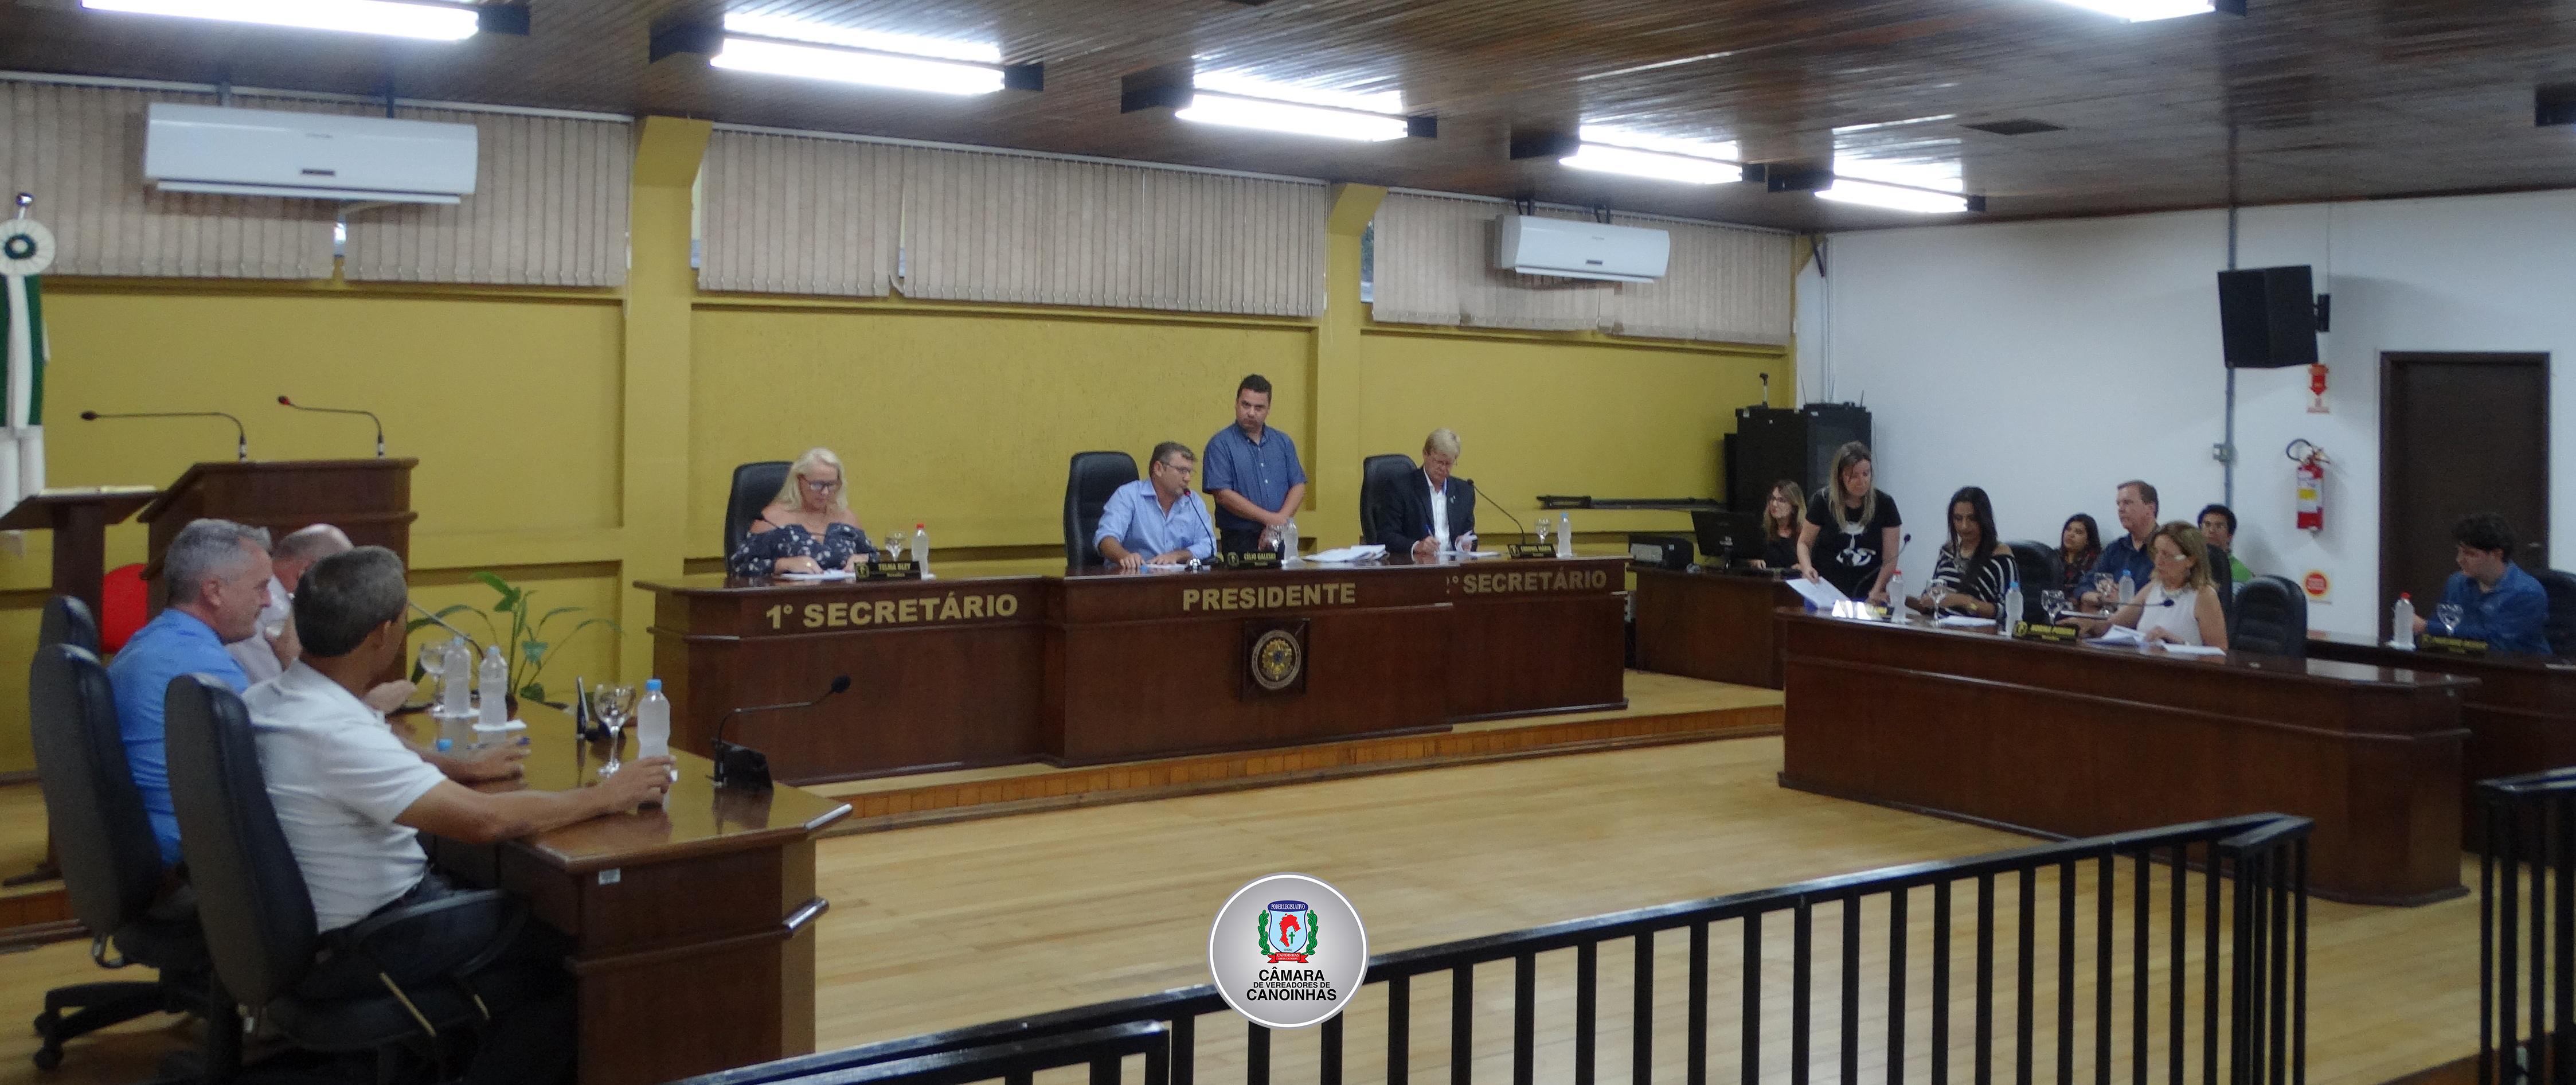 Vereadores solicitam ao Governo do Estado retorno das gerências de Educação e Saúde para Canoinhas